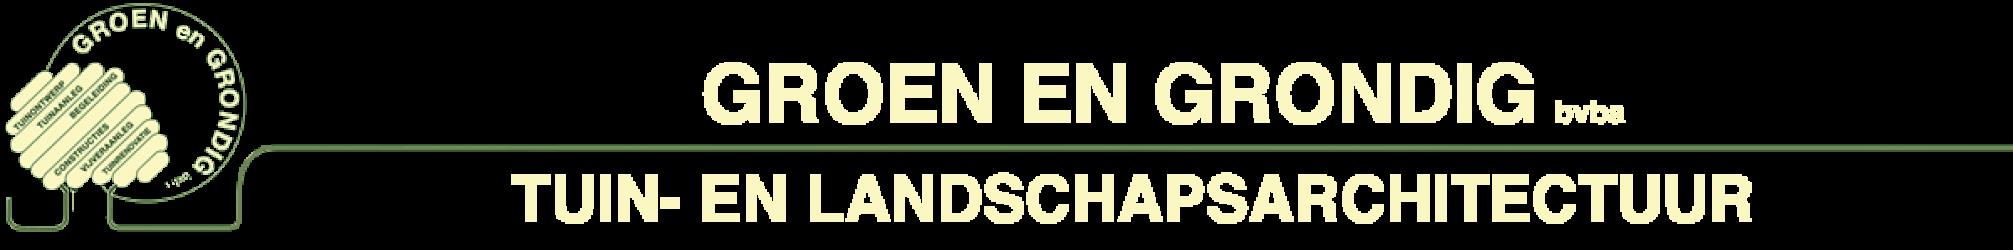 Groen en grondig – tuin- en landschapsarchitectuur